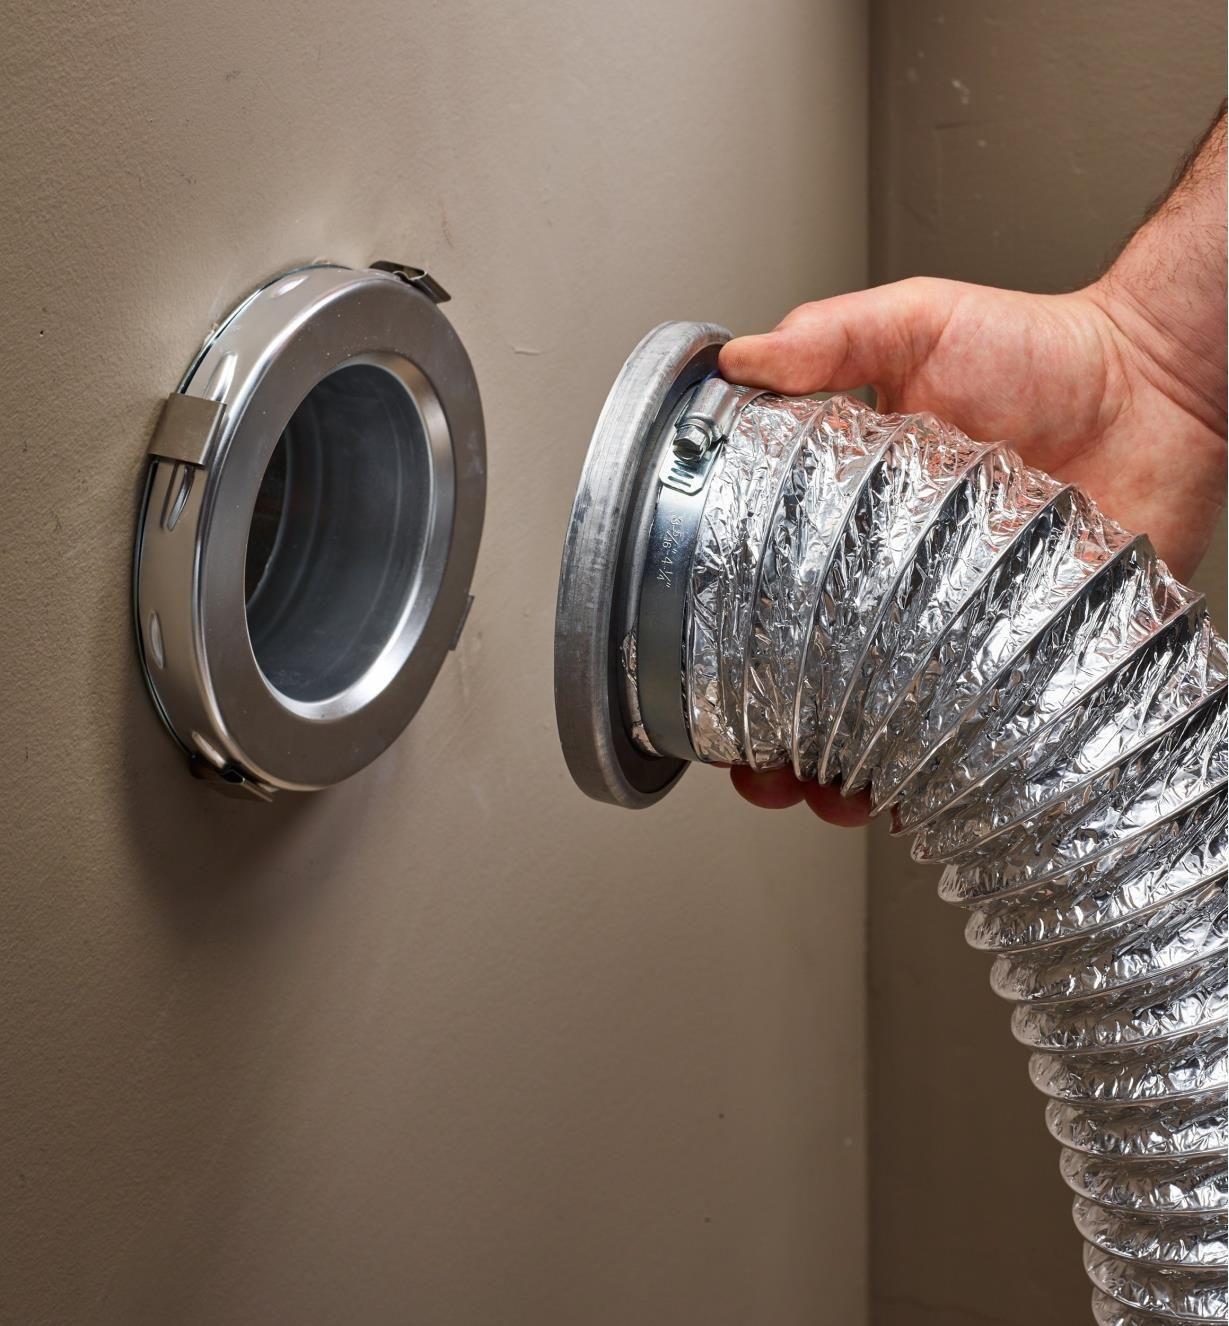 MagVent Dryer Vent Connectors in 2020 Indoor dryer vent